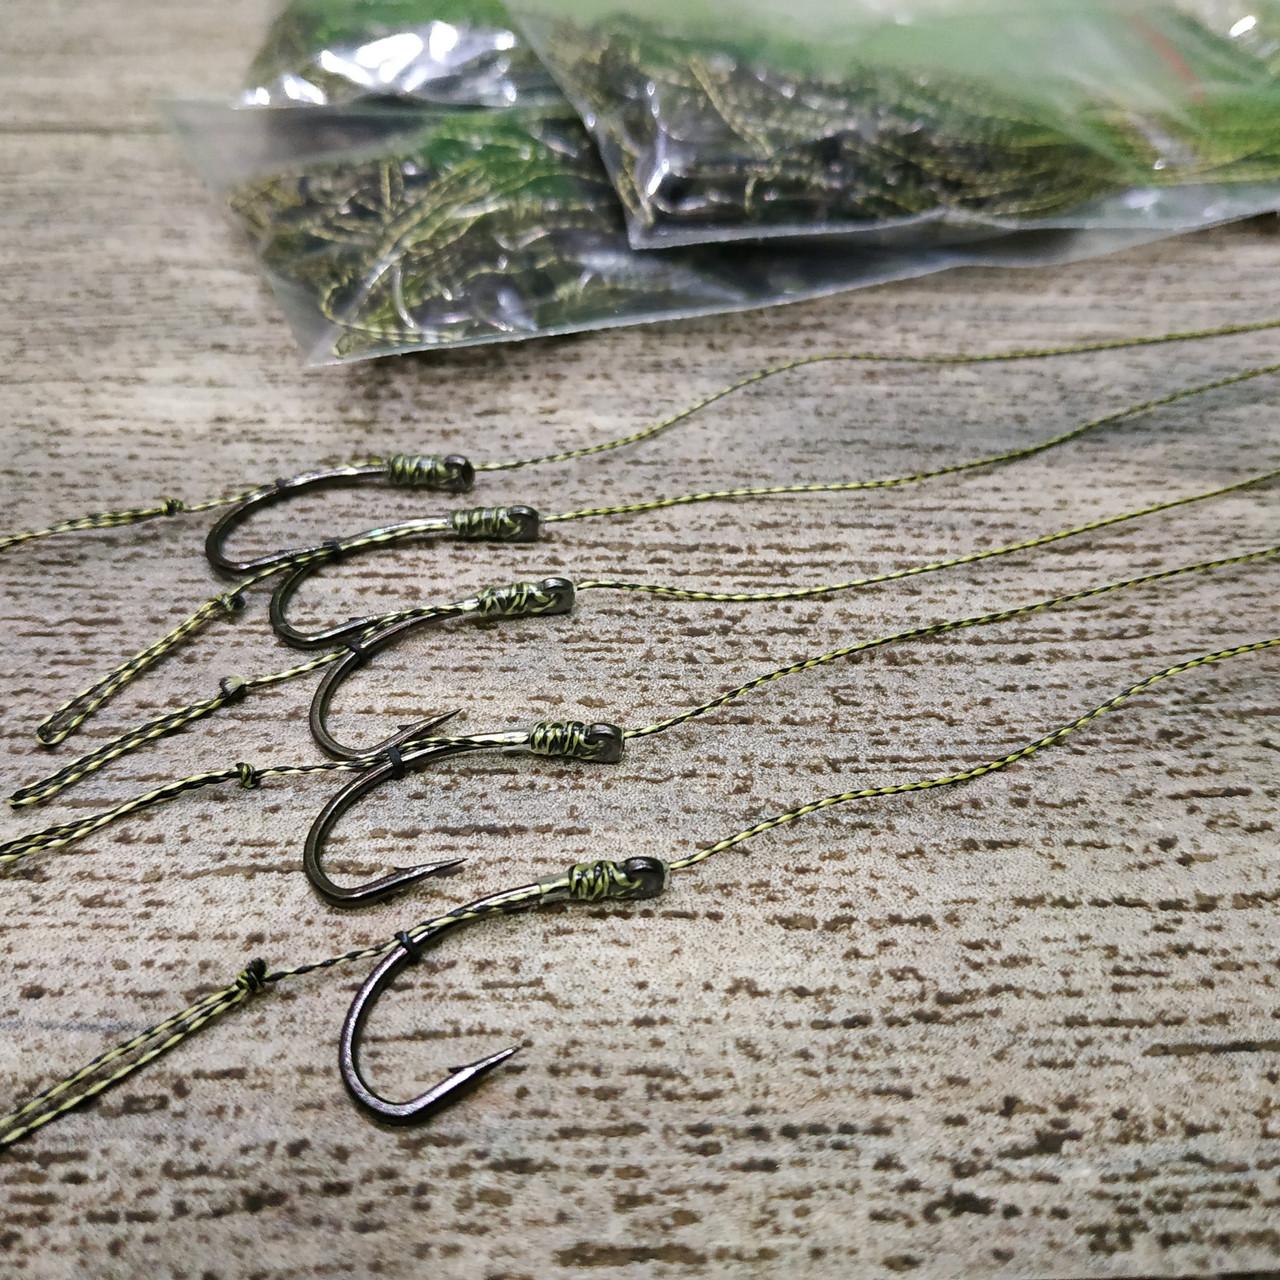 Карповый поводок под бойл (волос) на карпа и амура ,  крючки «Fudo Carp Hook» № 4 формы Банан